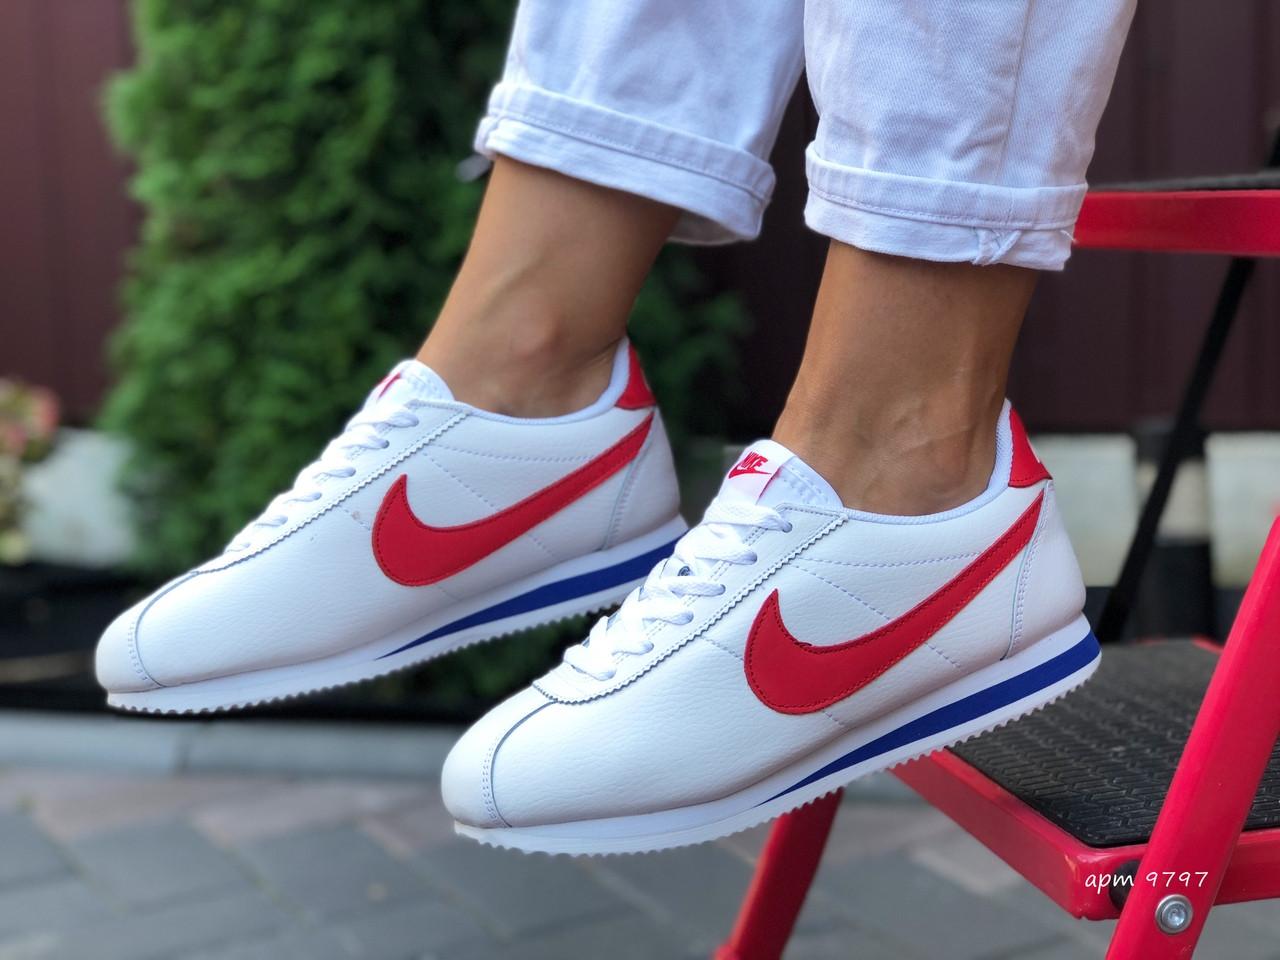 Жіночі кросівки Nike Cortez біло червоні, сині